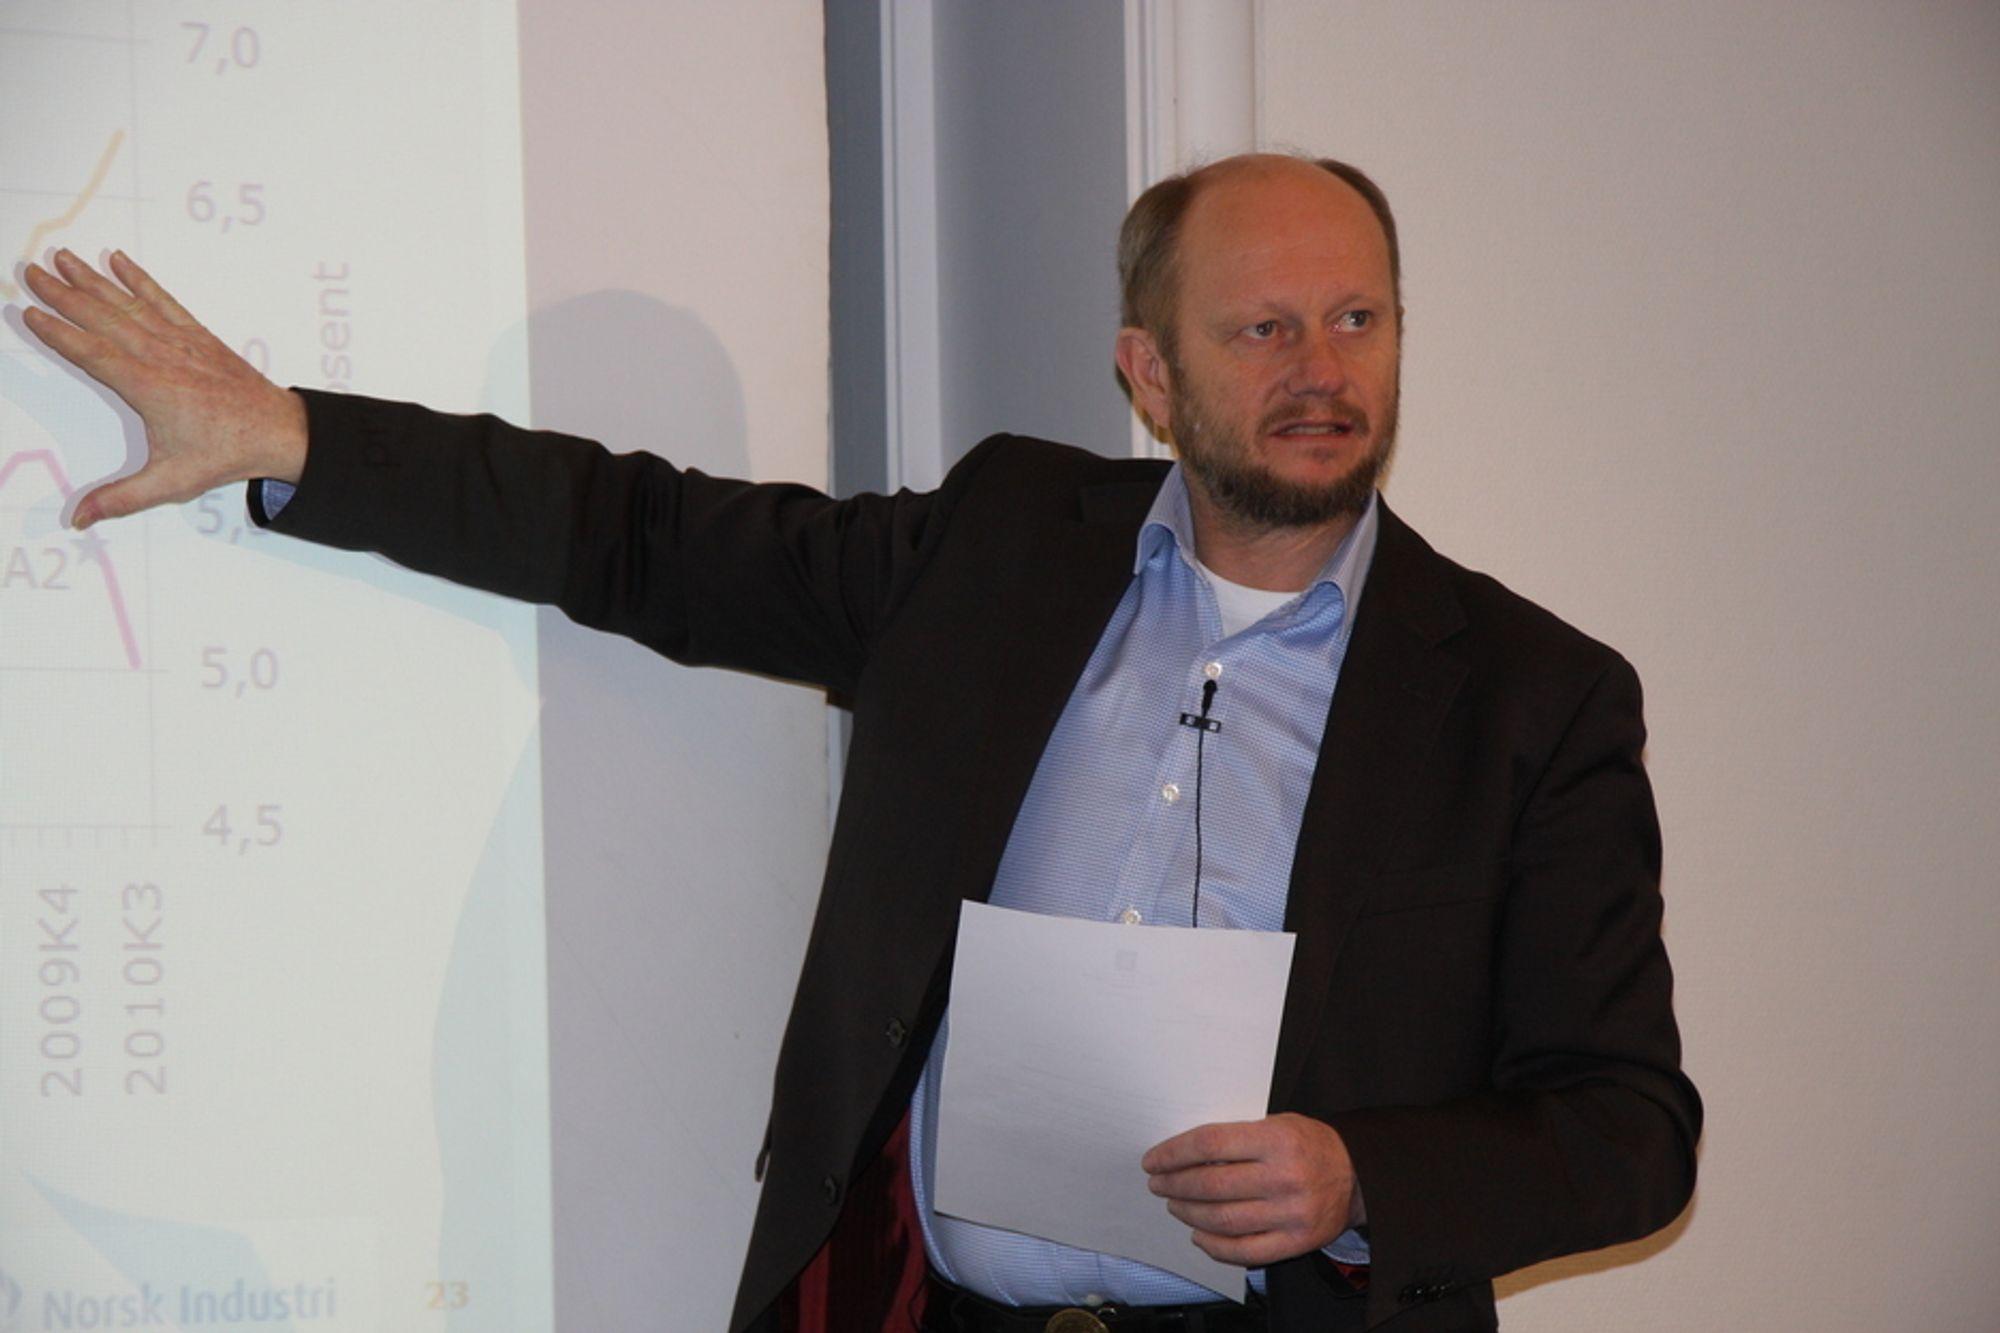 RENTEKUTT RAMMER: - Når forskningsfondet plutselig får redusert muligheten til å investere i forskningsprosjekter med opp mot 400 millioner kroner vil veldig mye av den brukerstyrt forskningen bli rammet, sier direktør Stein Lier-Hansen i Norsk Industri.